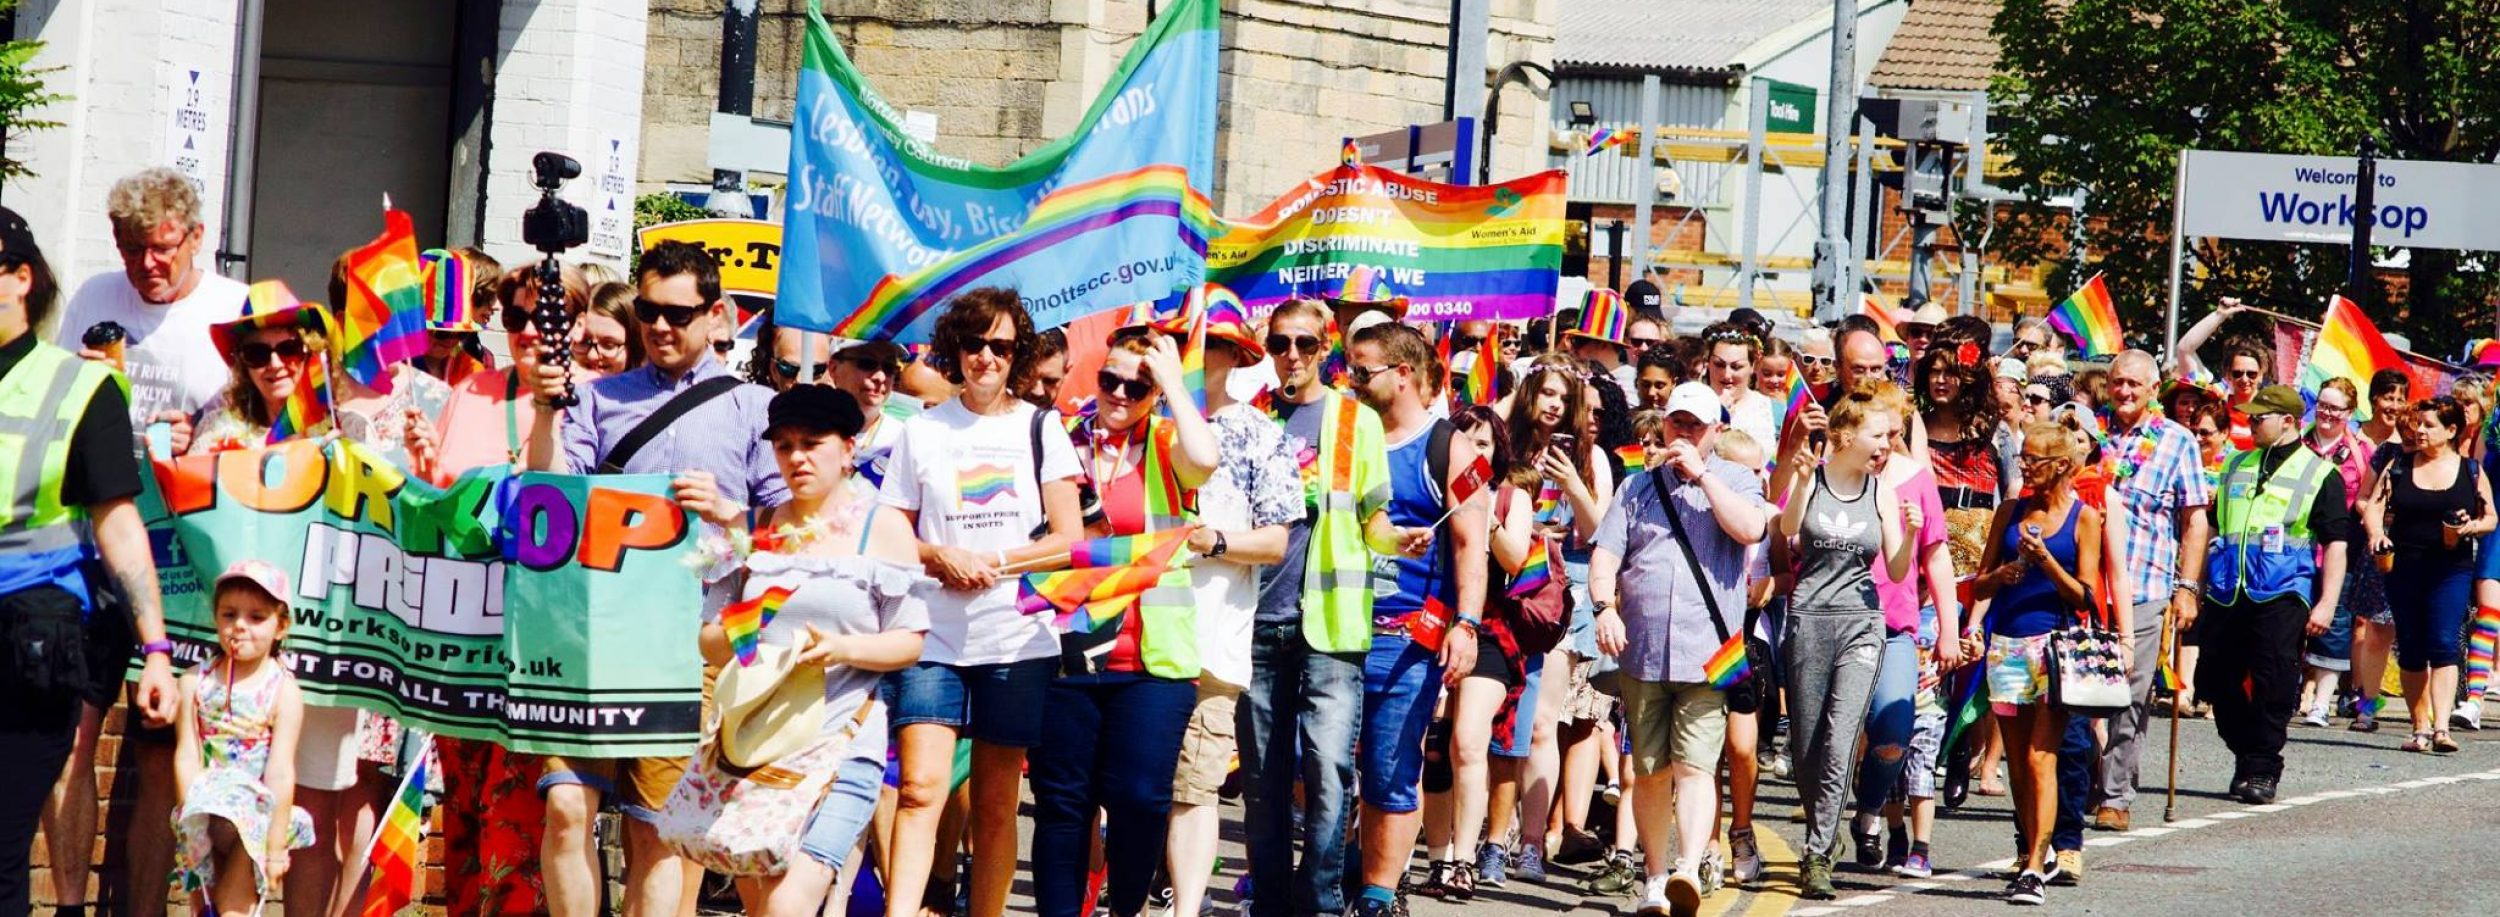 Worksop Pride